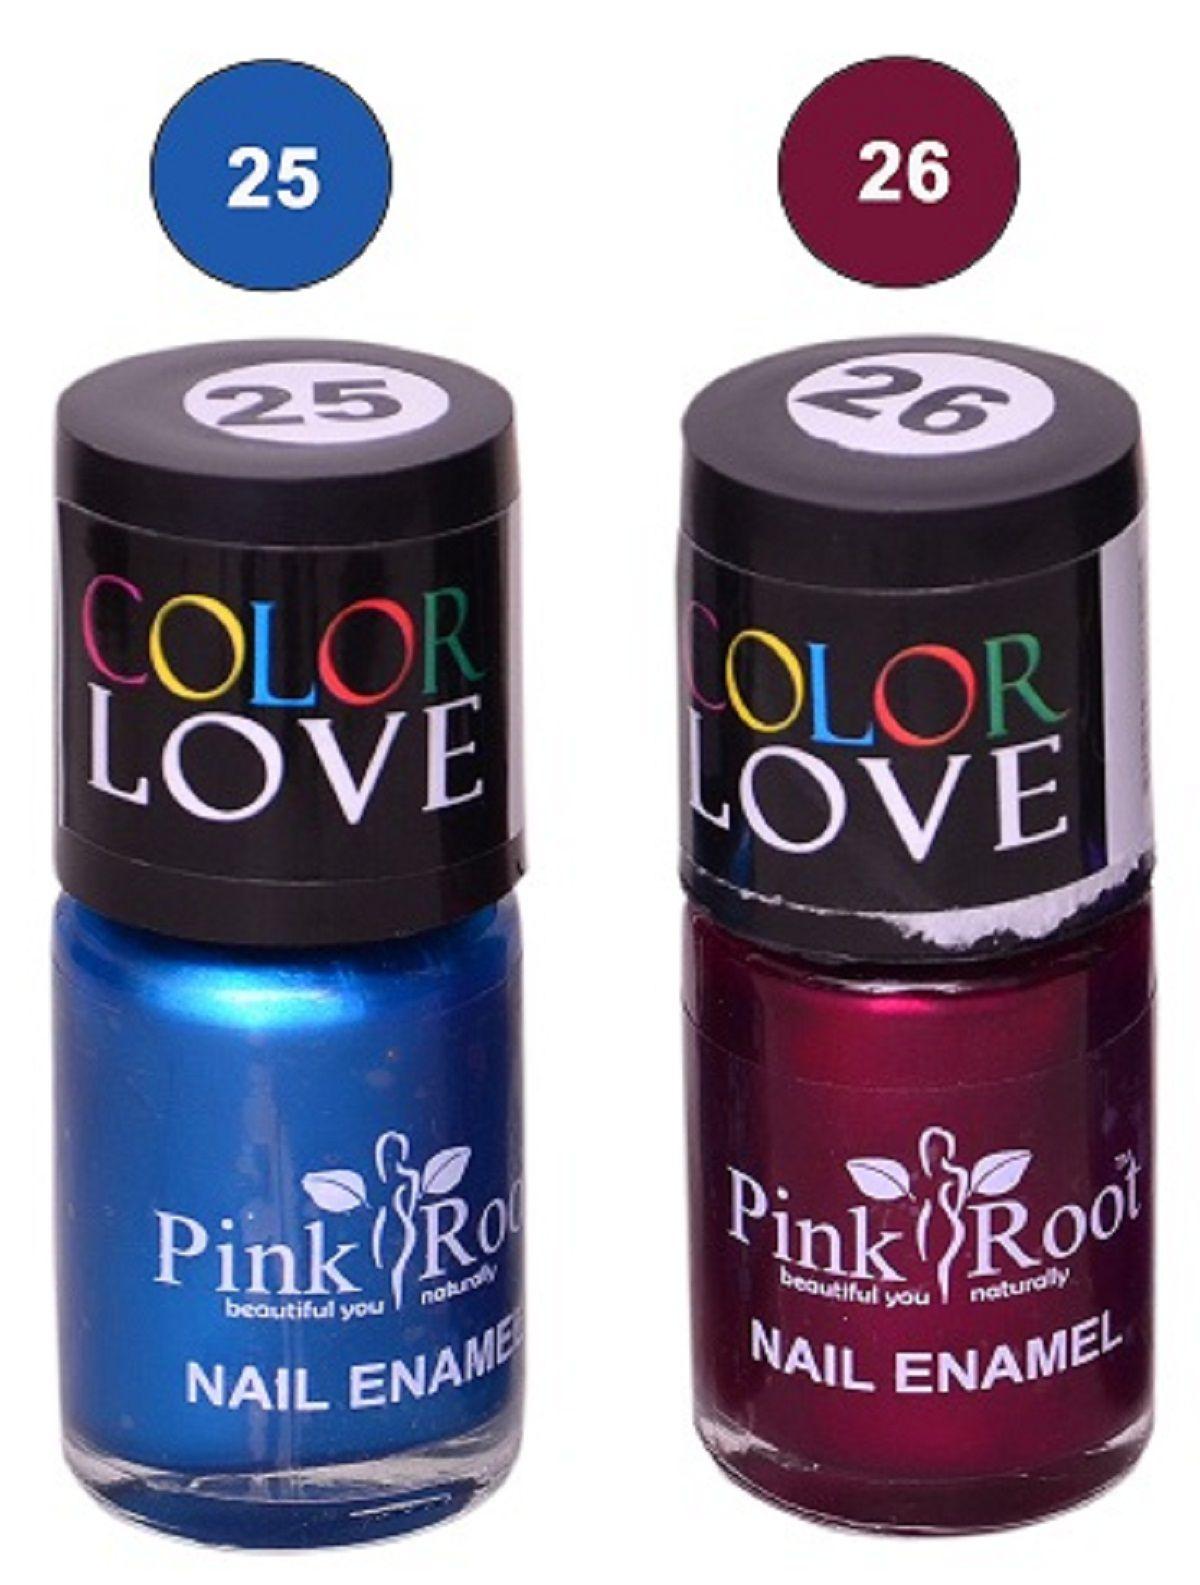 PINK ROOT Nail Polish Multicolour Glossy 15 ML gm at Snapdeal at ...